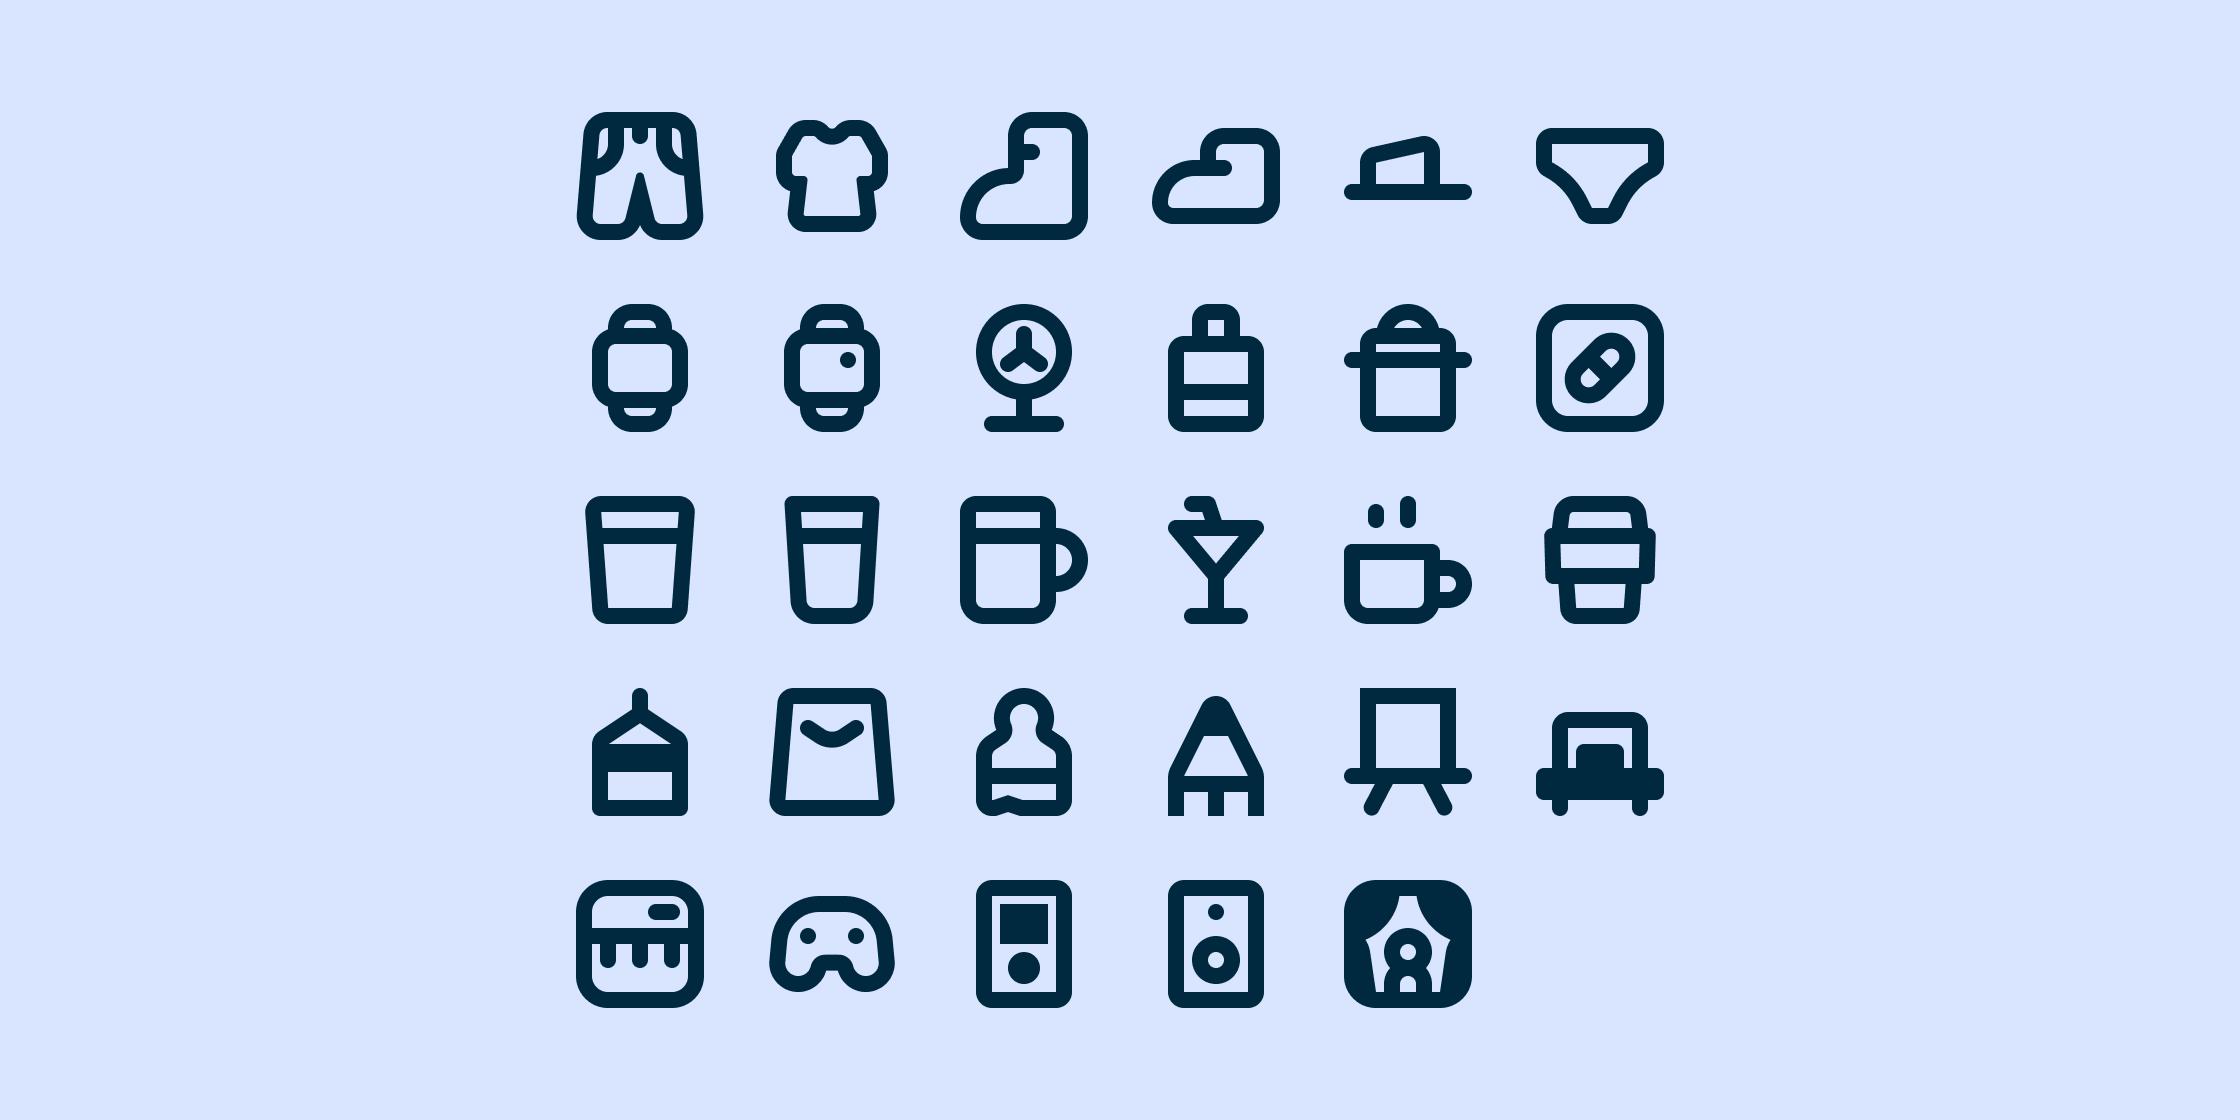 Objects (Mini Stock)